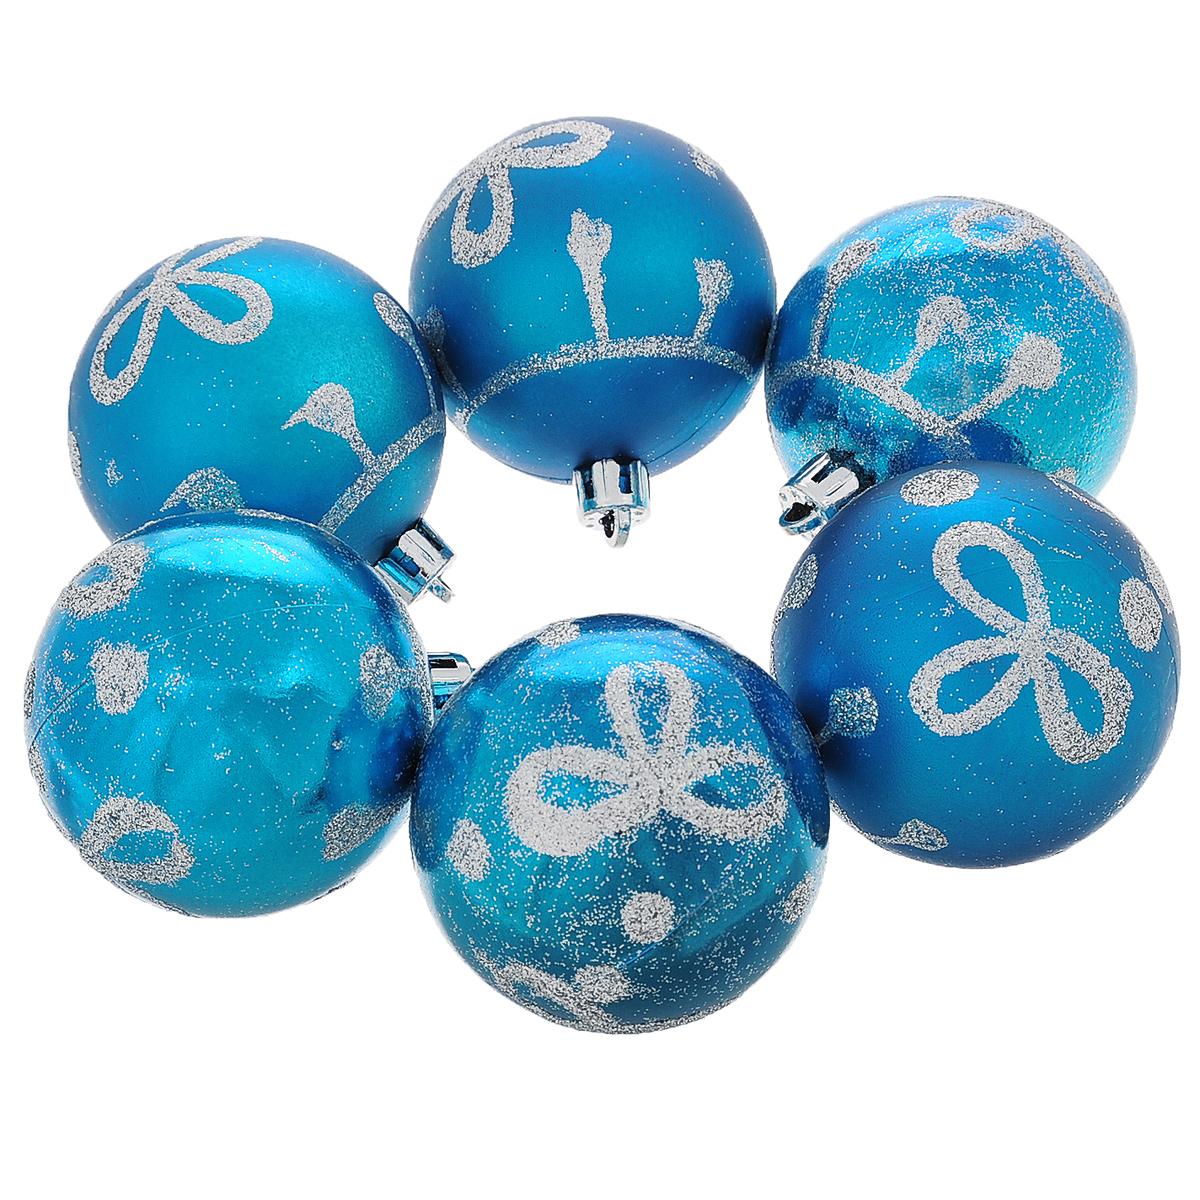 Набор новогодних подвесных украшений Шар, цвет: голубой, серебристый, 6 шт. 3555135551Набор новогодних подвесных украшений Шар прекрасно подойдет для праздничного декора новогодней ели. Состоит из шести шаров. Елочная игрушка - символ Нового года. Она несет в себе волшебство и красоту праздника. Создайте в своем доме атмосферу веселья и радости, украшая новогоднюю елку нарядными игрушками, которые будут из года в год накапливать теплоту воспоминаний. Коллекция декоративных украшений принесет в ваш дом ни с чем несравнимое ощущение волшебства! Откройте для себя удивительный мир сказок и грез. Почувствуйте волшебные минуты ожидания праздника, создайте новогоднее настроение вашим дорогим и близким.